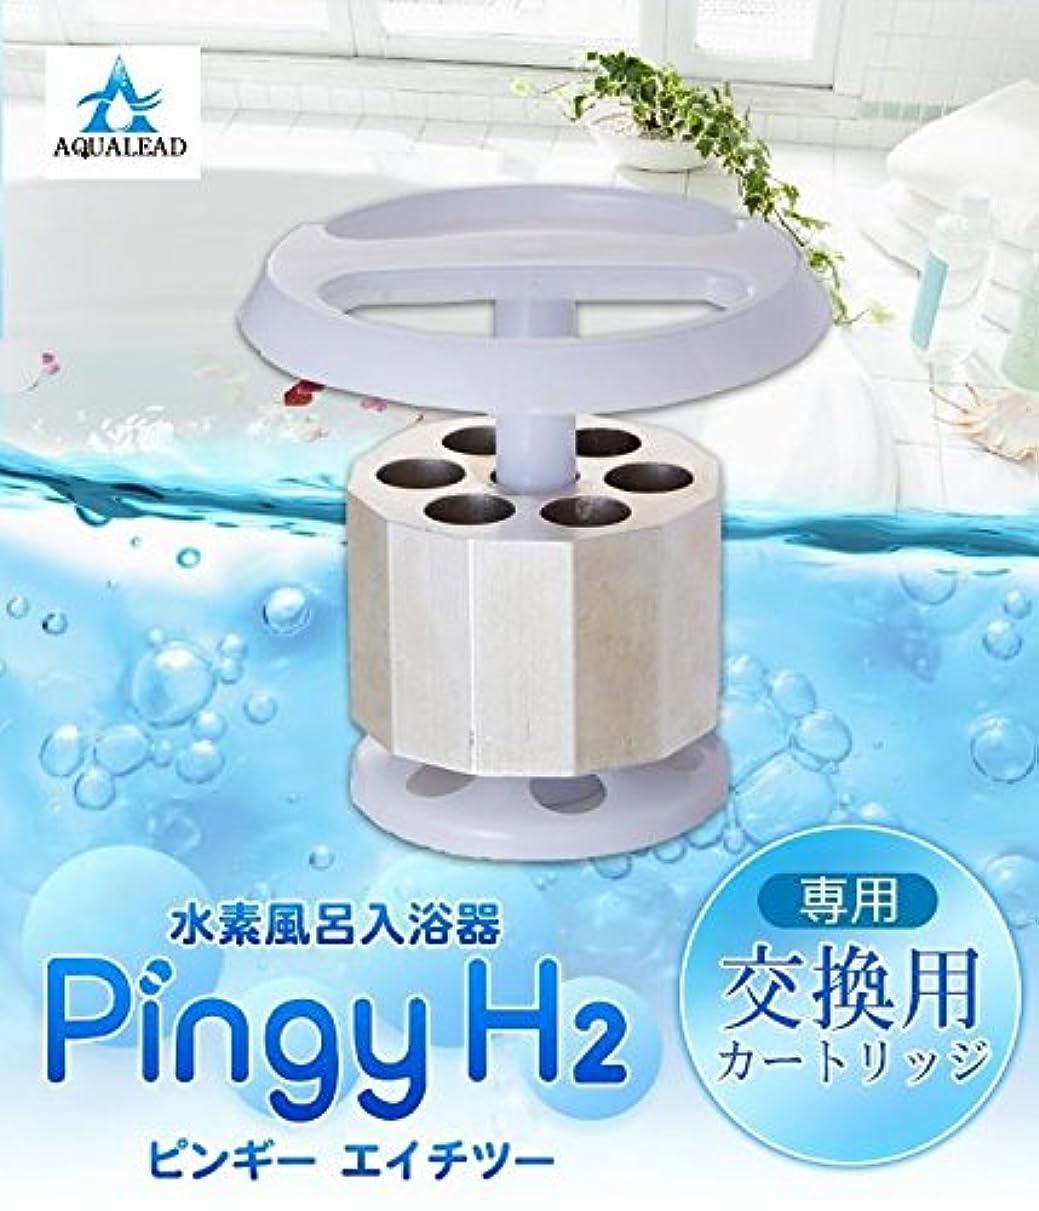 クローンモットー検出器水素風呂入浴器 ピンギー エイチツー(Pingy H2)専用 交換カートリッジ